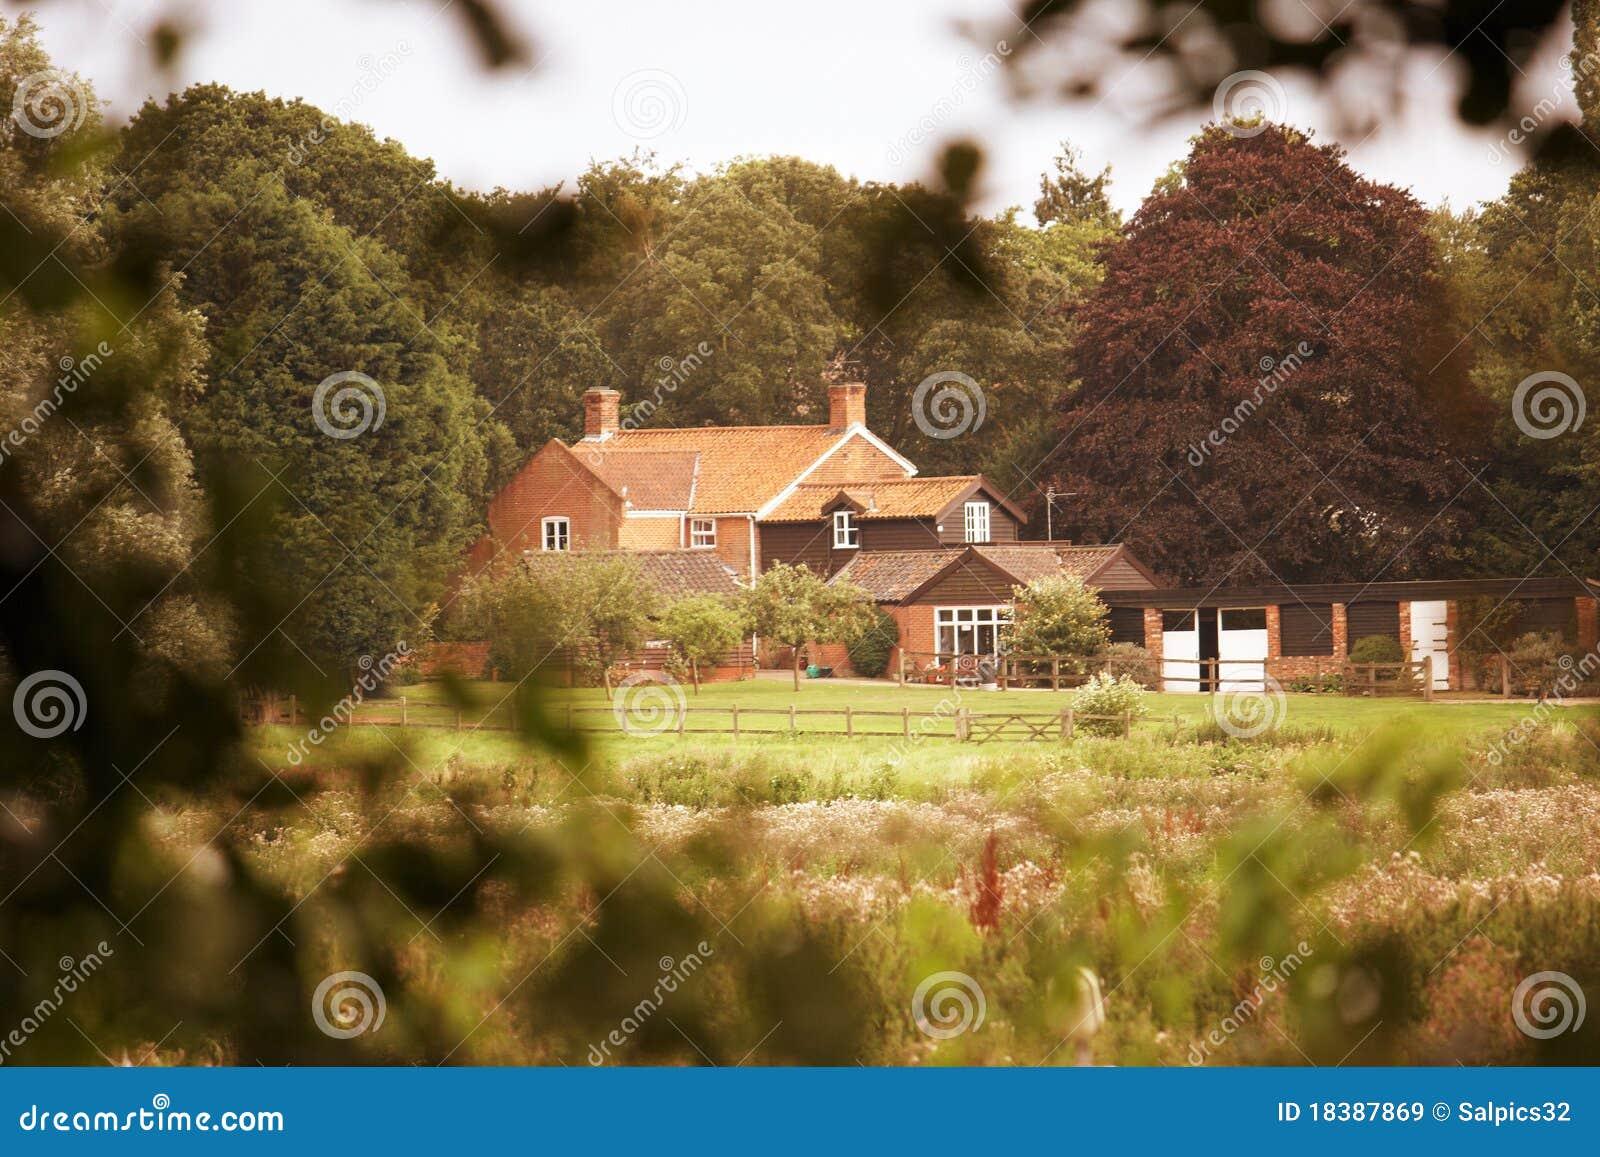 уединенный деревенский дом